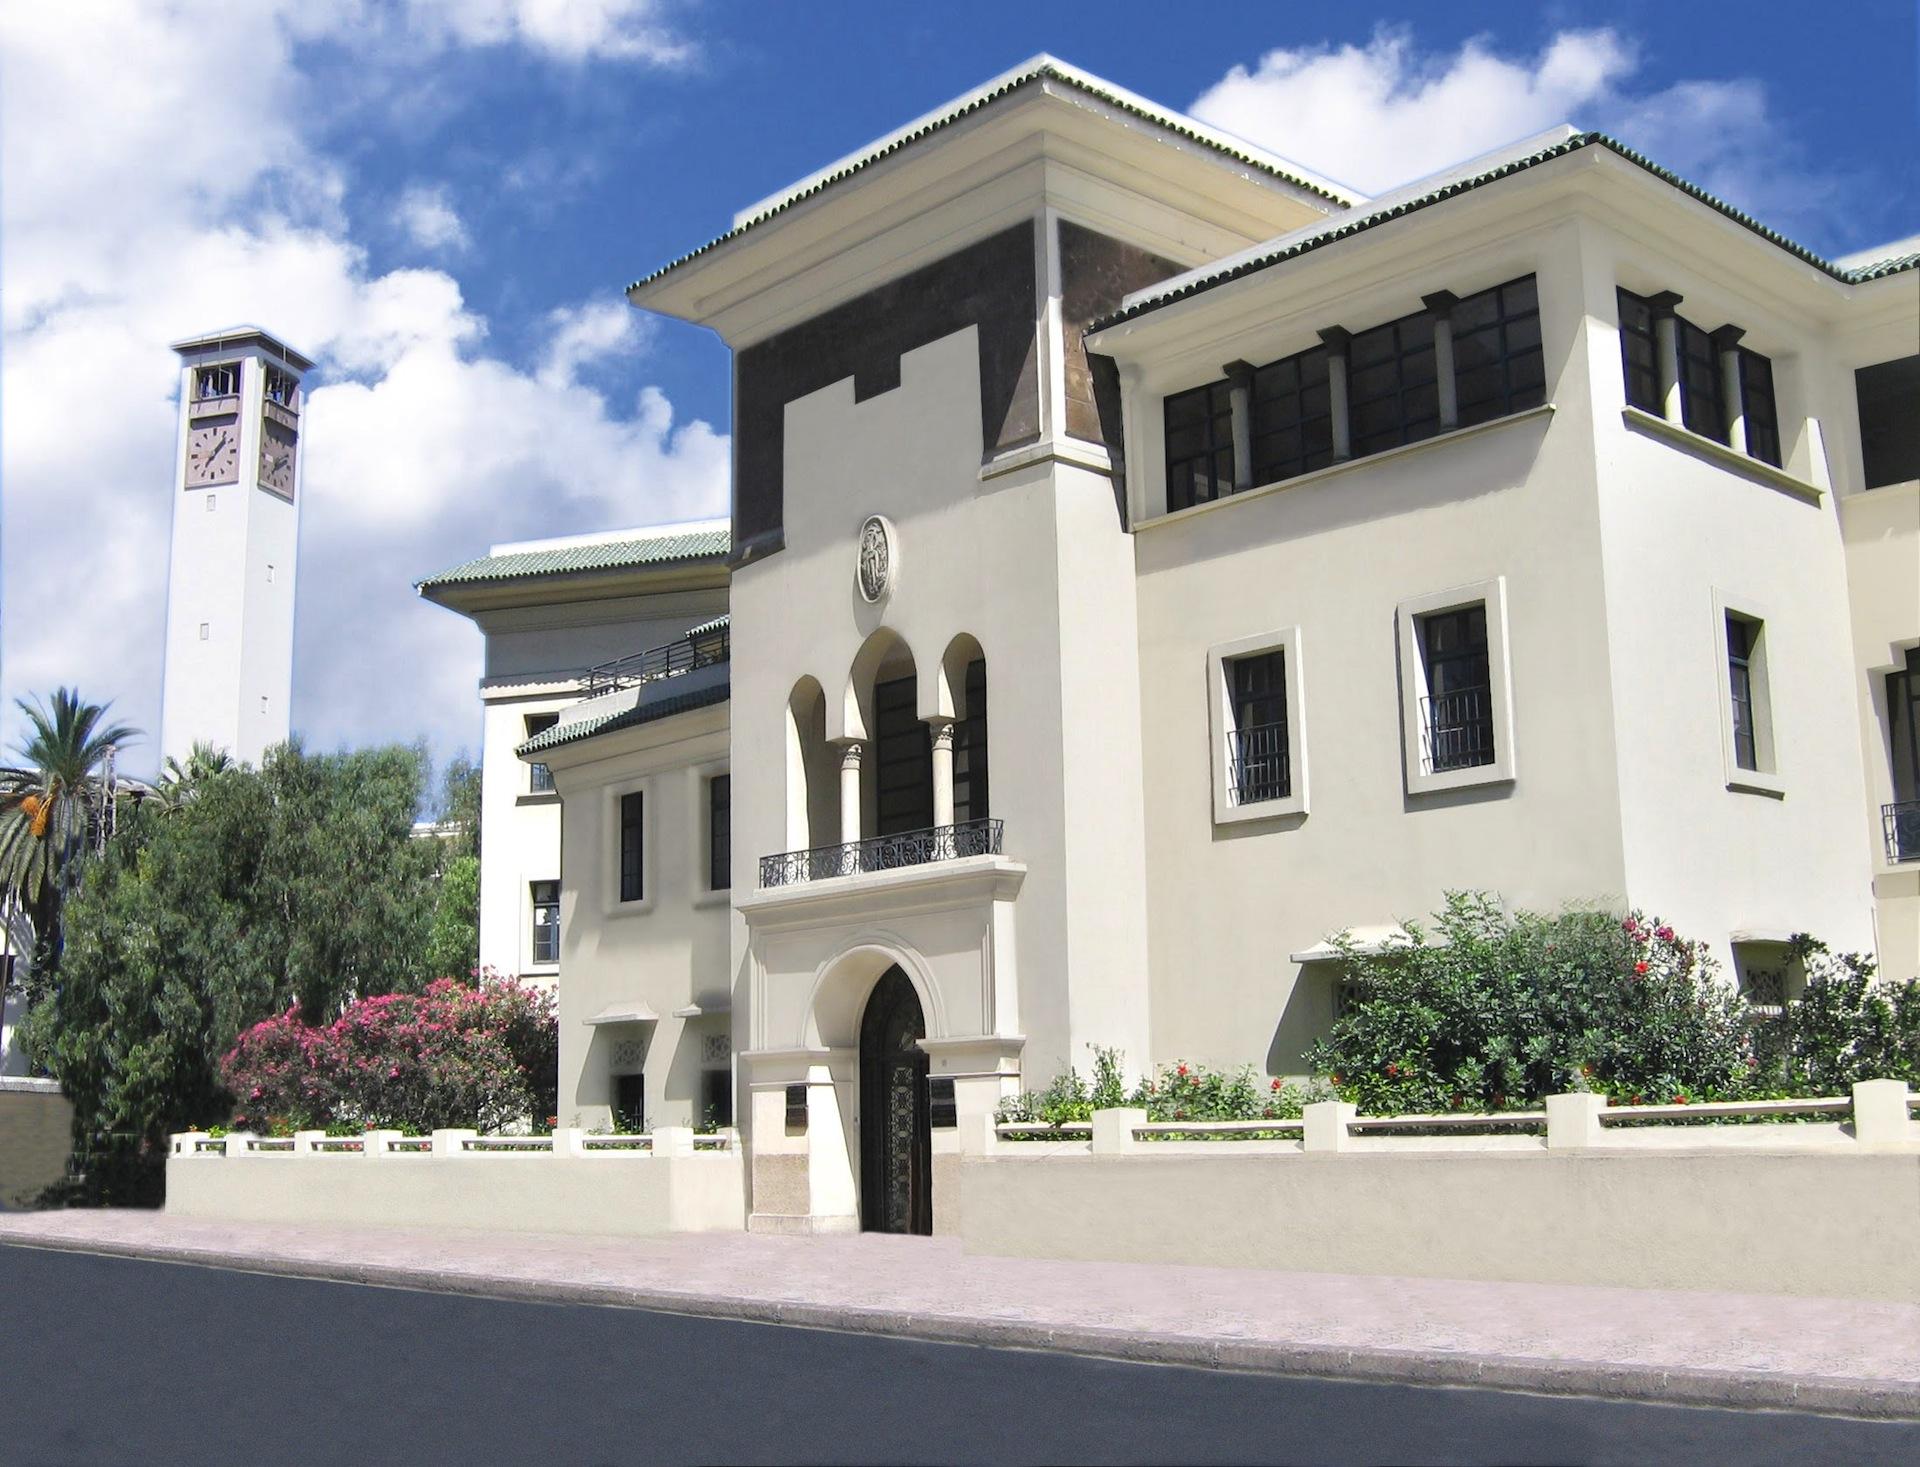 Campus de la Chambre Française de Commerce et d'Industrie du Maroc - Casablanca-Opus-31-Consultant-Logistique